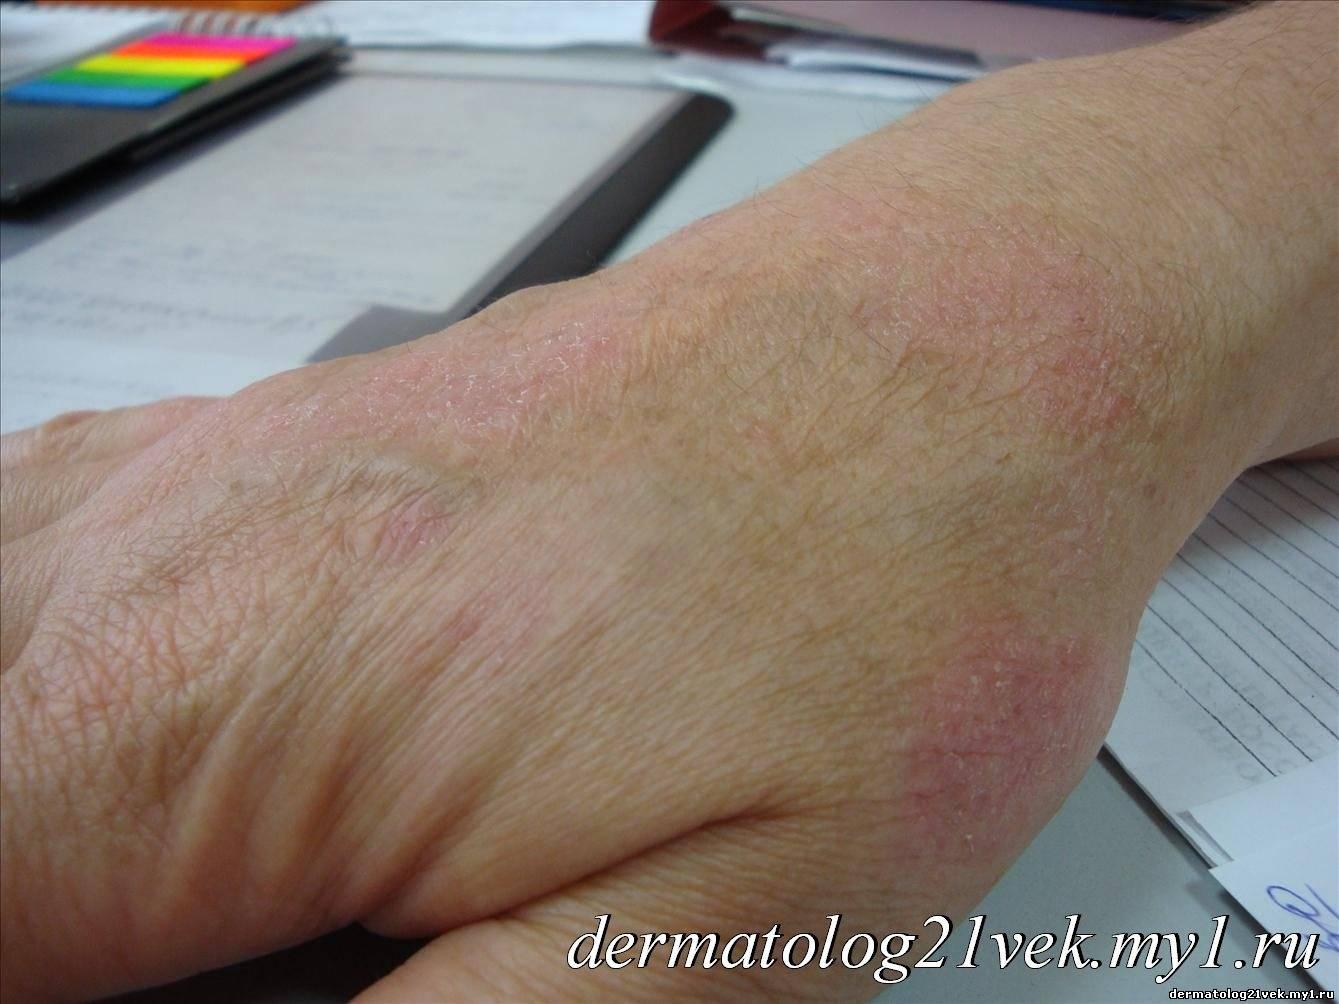 Сухость кожи как лечить рук в руки